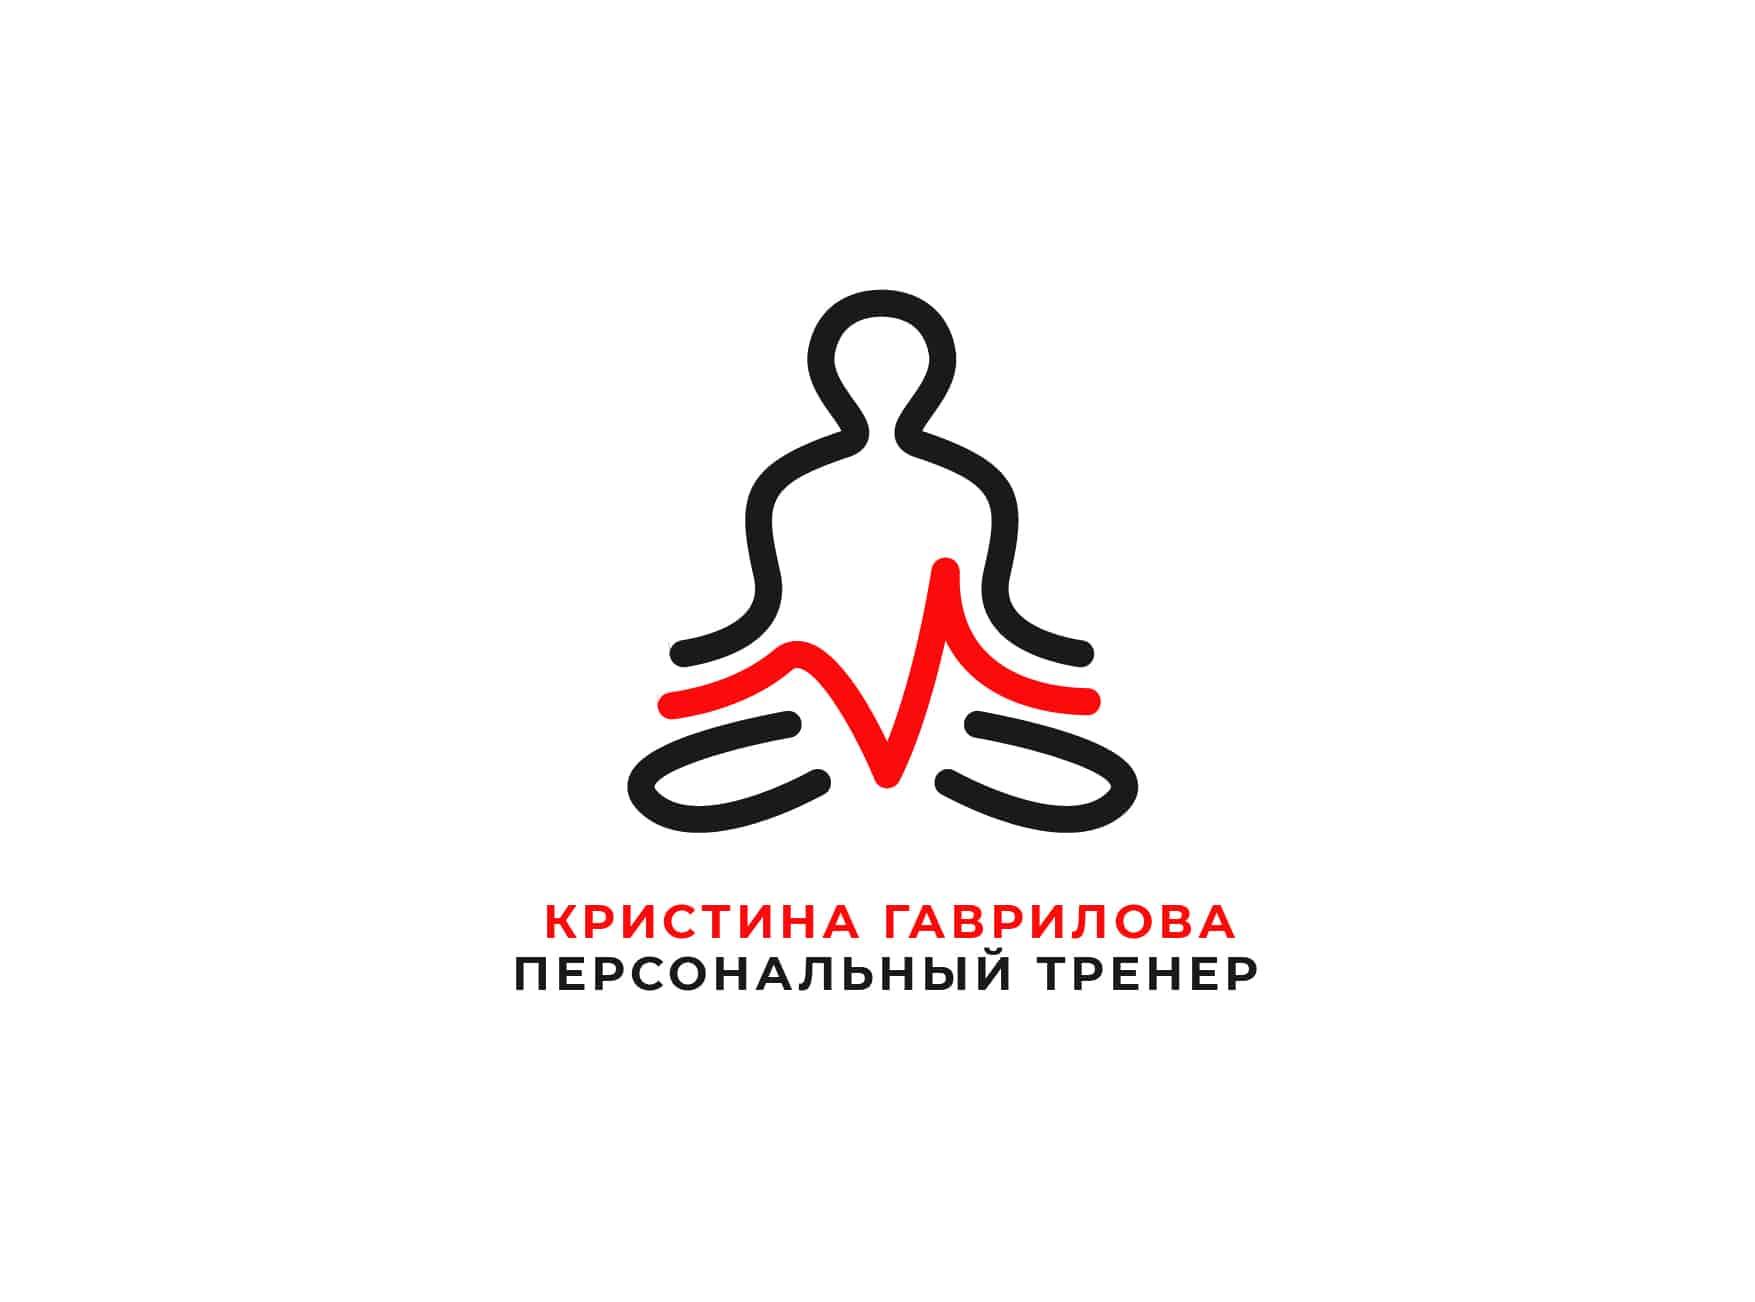 Логотип персонального тренера по йоге и фитнесу 19